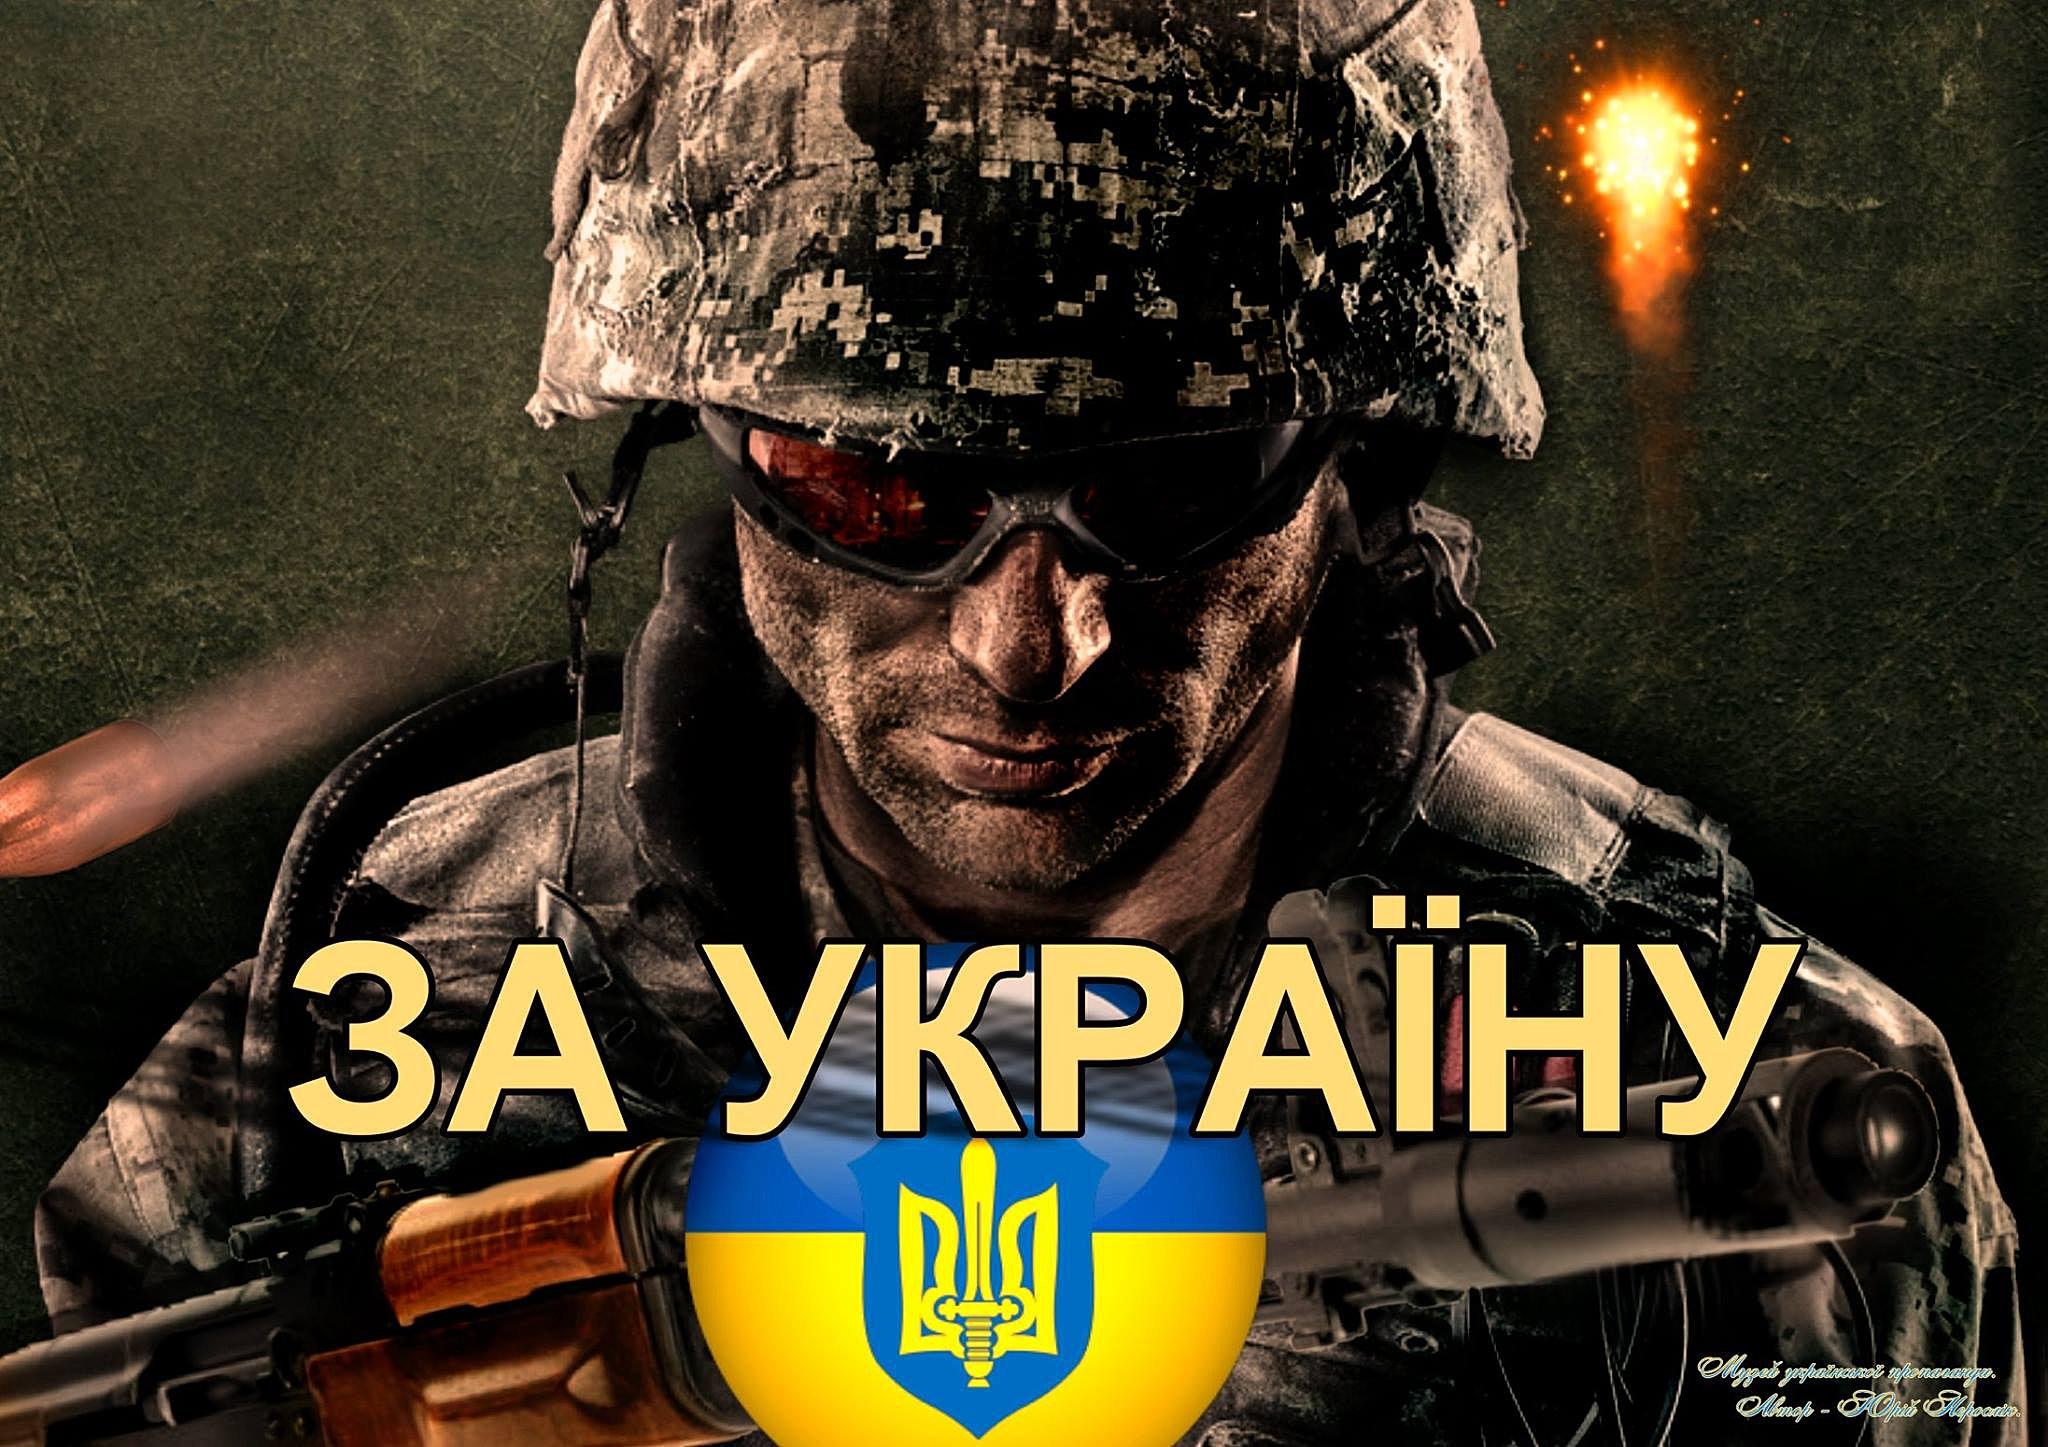 Украинские воины отбили нападение вражеской ДРГ в районе Ясиноватой, - спикер АТО - Цензор.НЕТ 9649